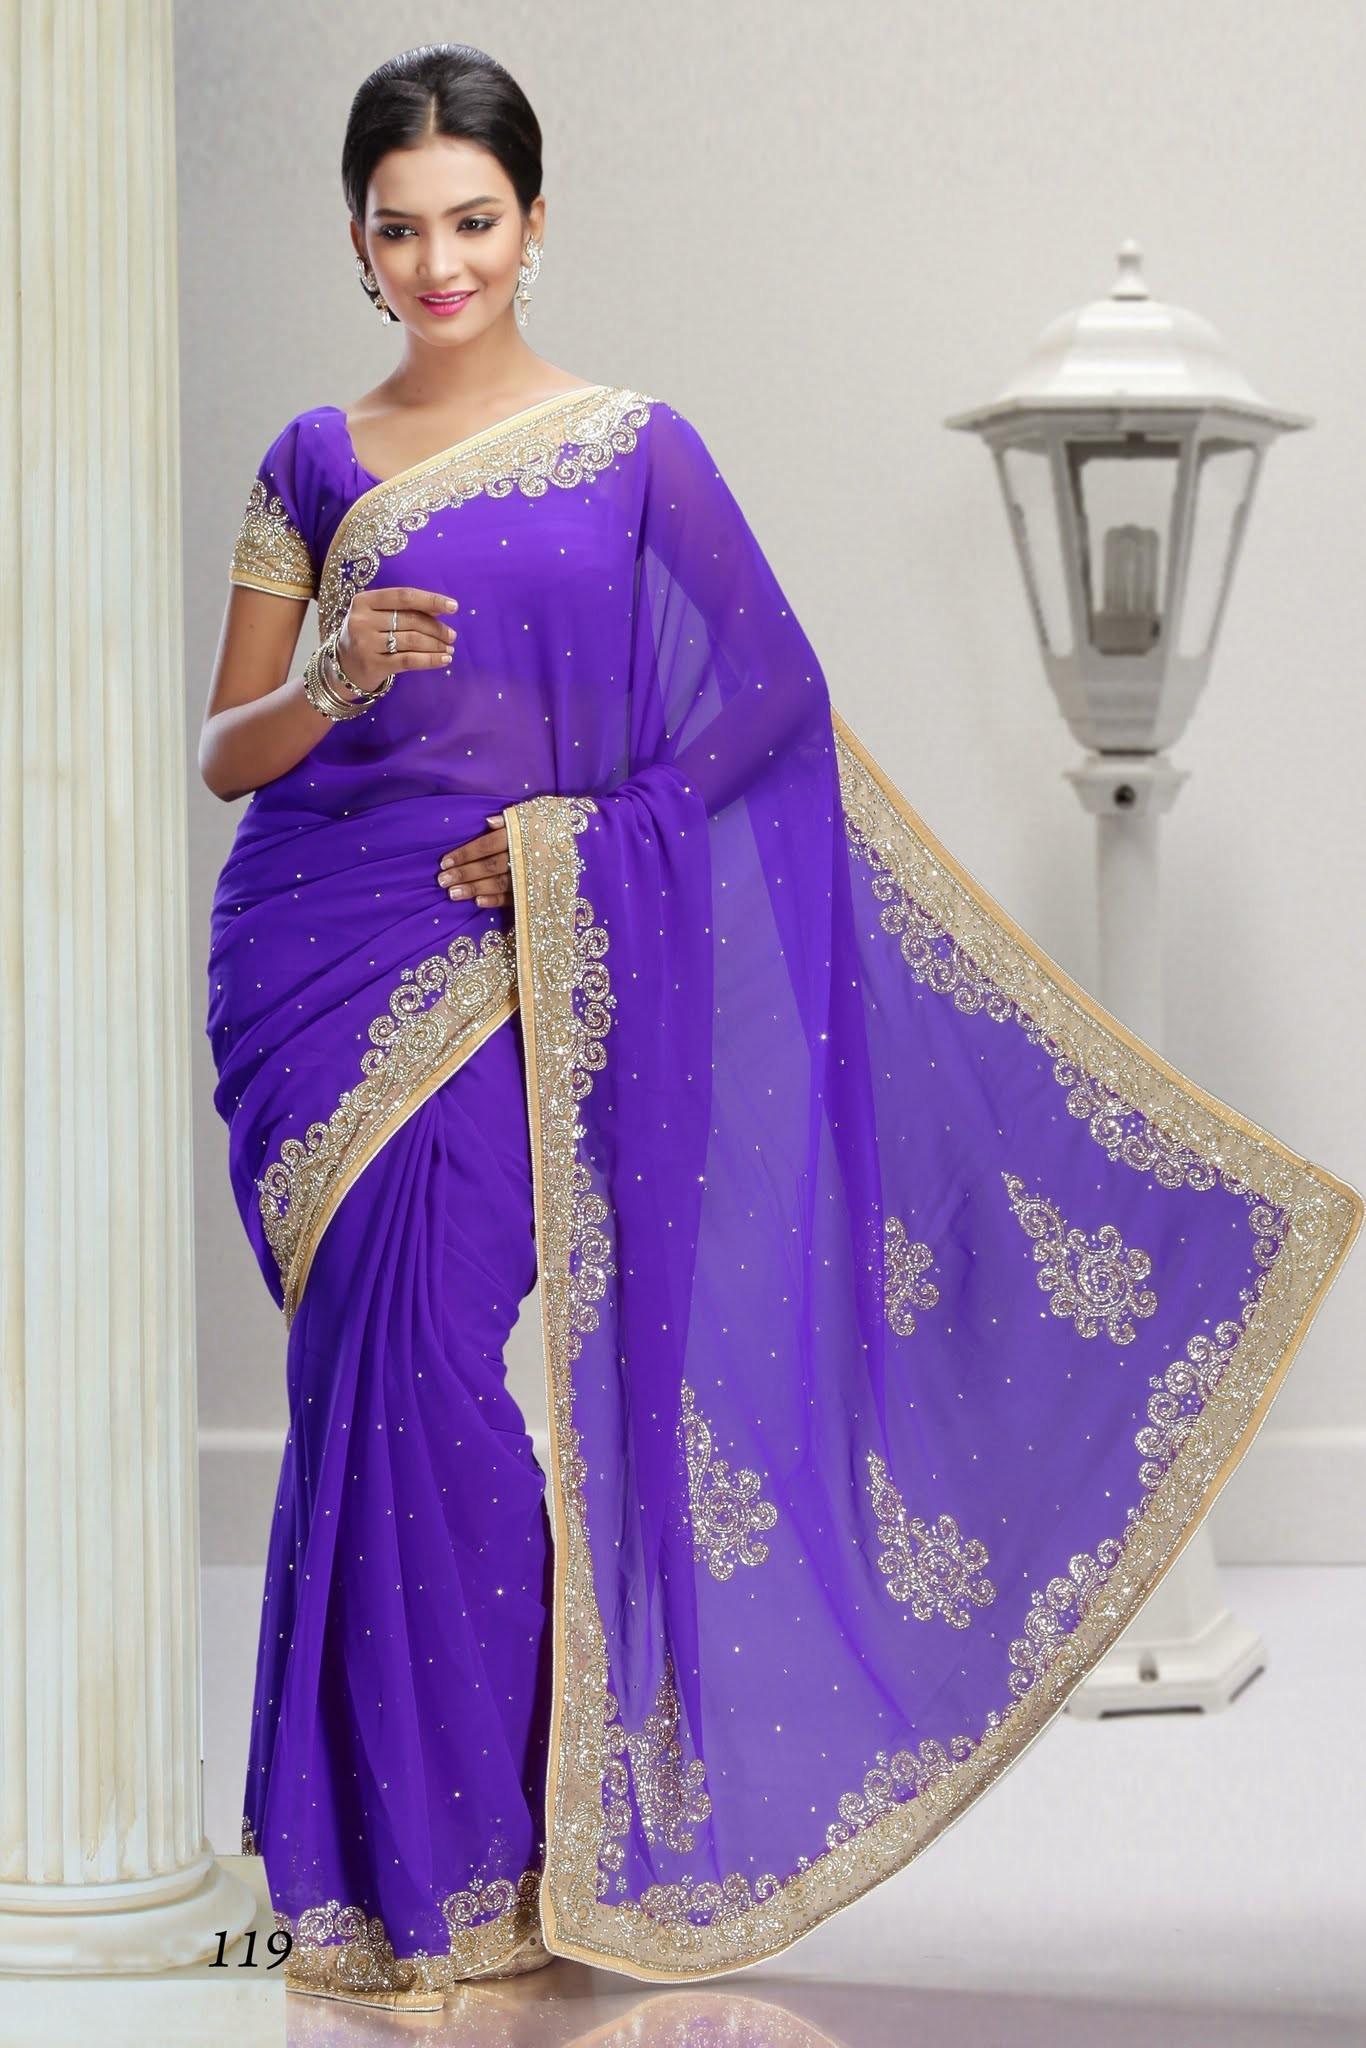 Favori Sari violet perlé et brodé aux motifs orientaux doré - robe indienne GZ16